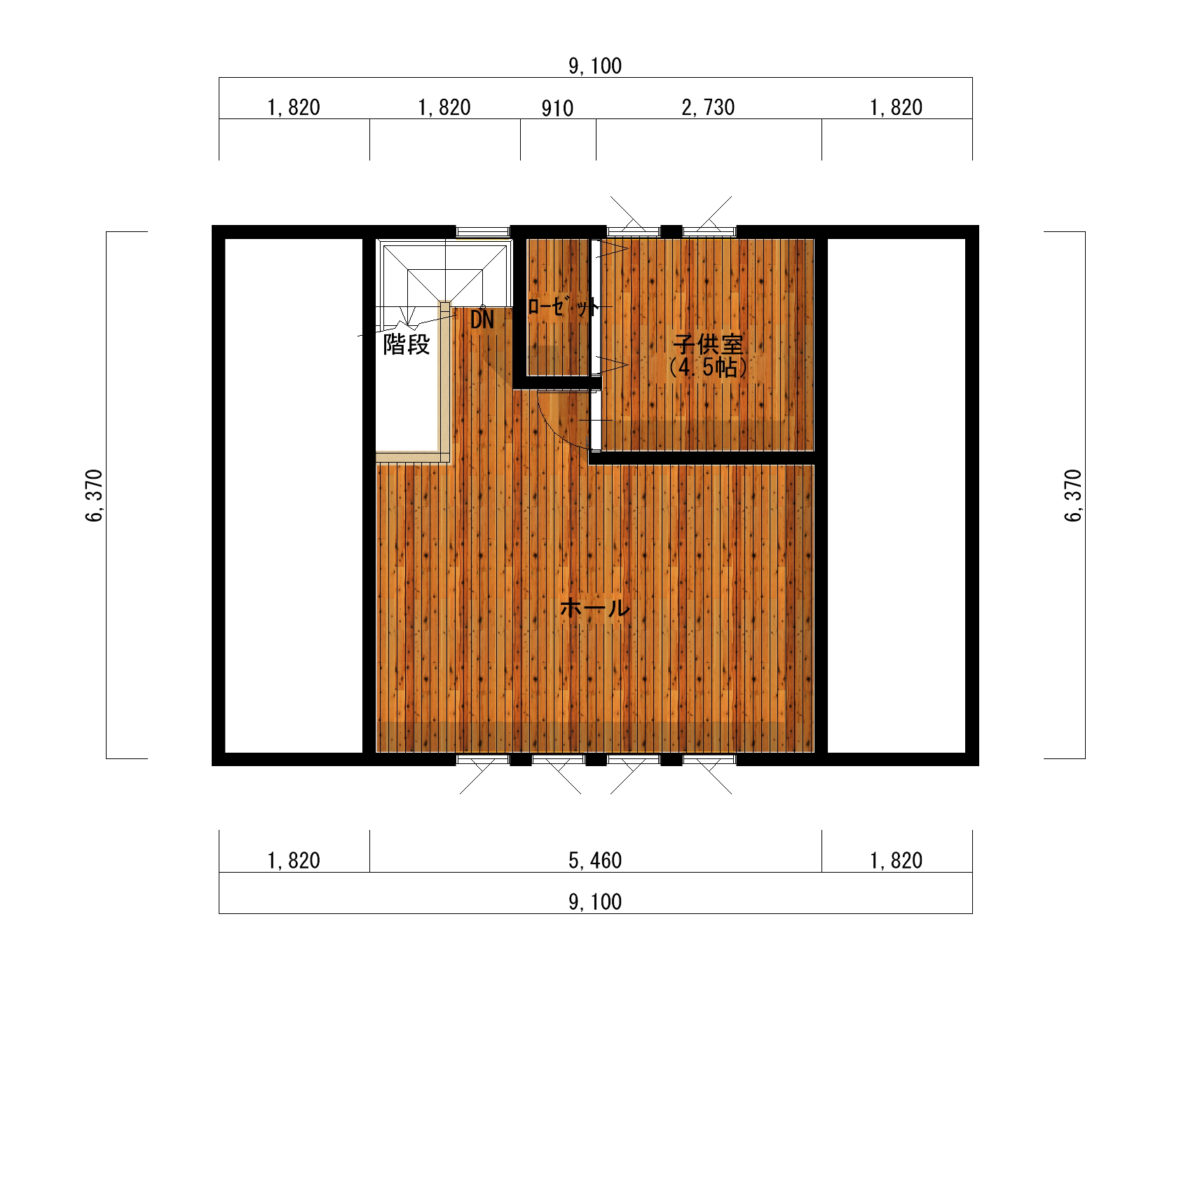 セカンドリビングがある大屋根アメリカンハウス間取り図2